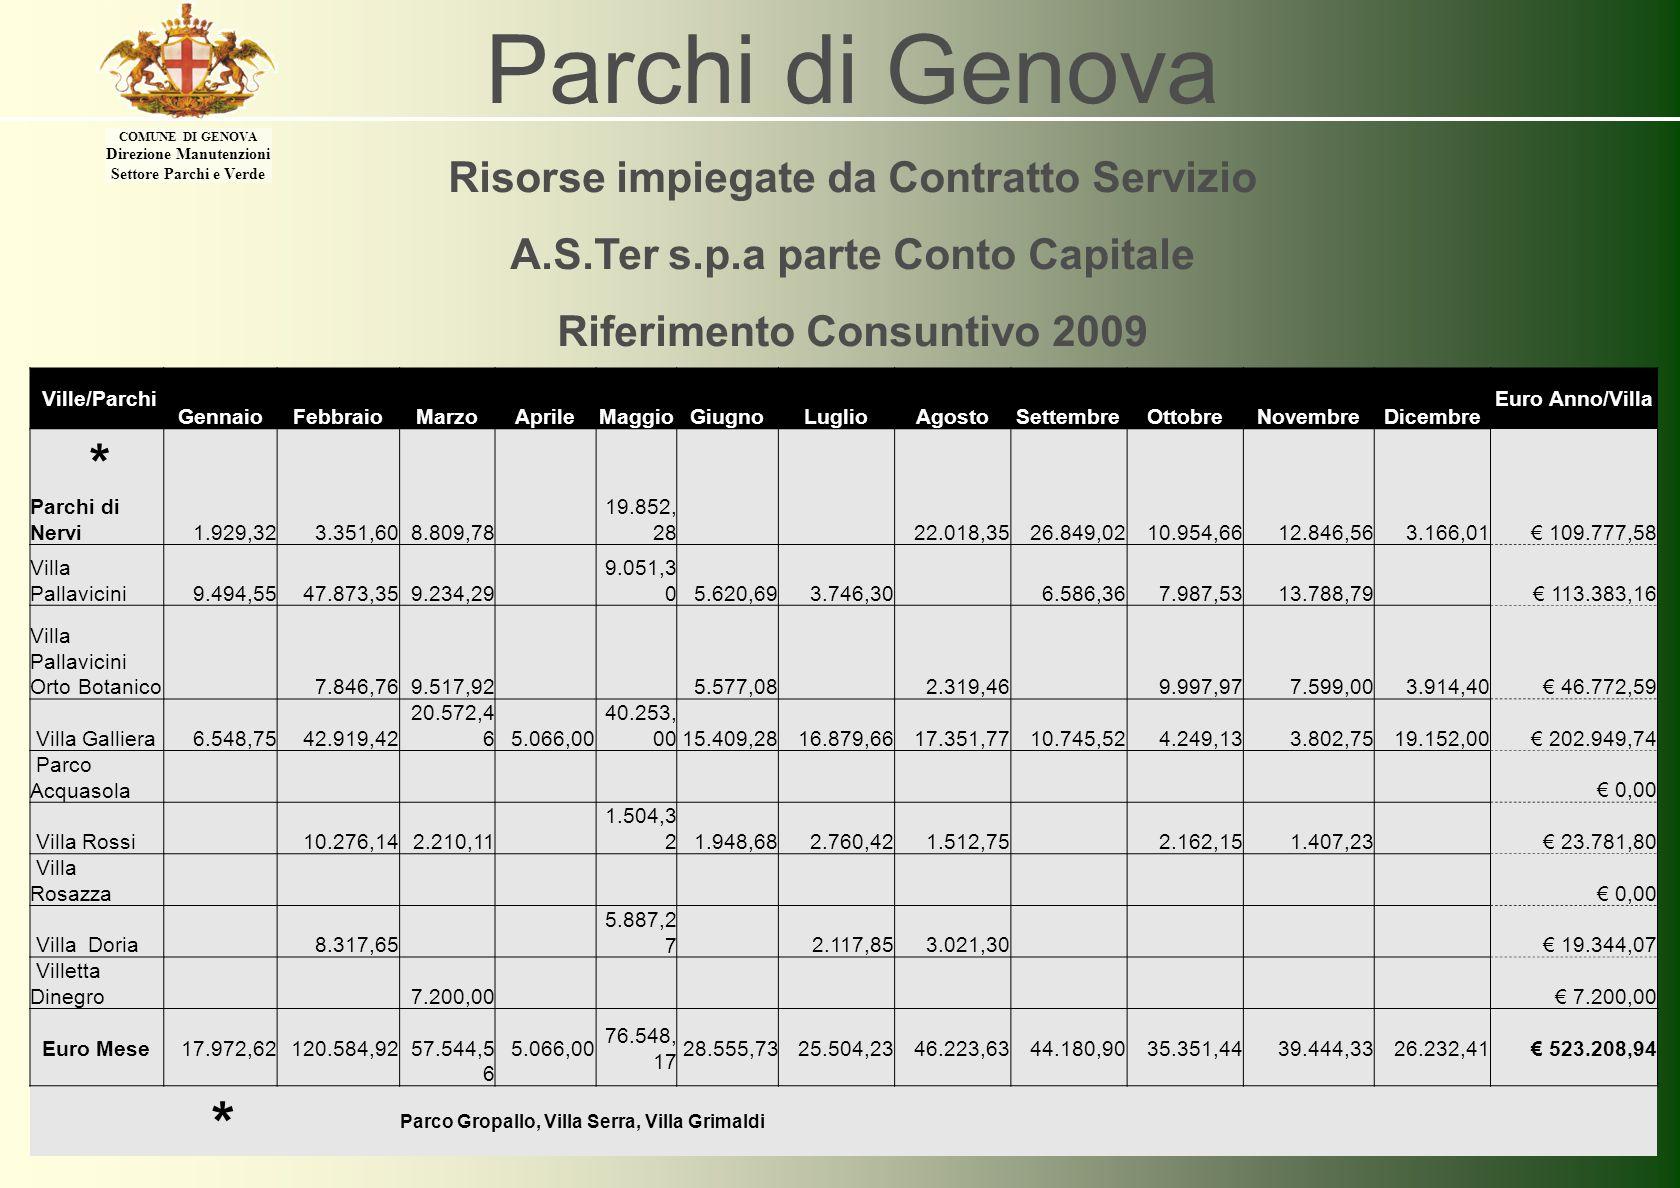 COMUNE DI GENOVA Direzione Manutenzioni Settore Parchi e Verde Parchi di Genova Risorse impiegate da Contratto Servizio A.S.Ter s.p.a parte Conto Capi